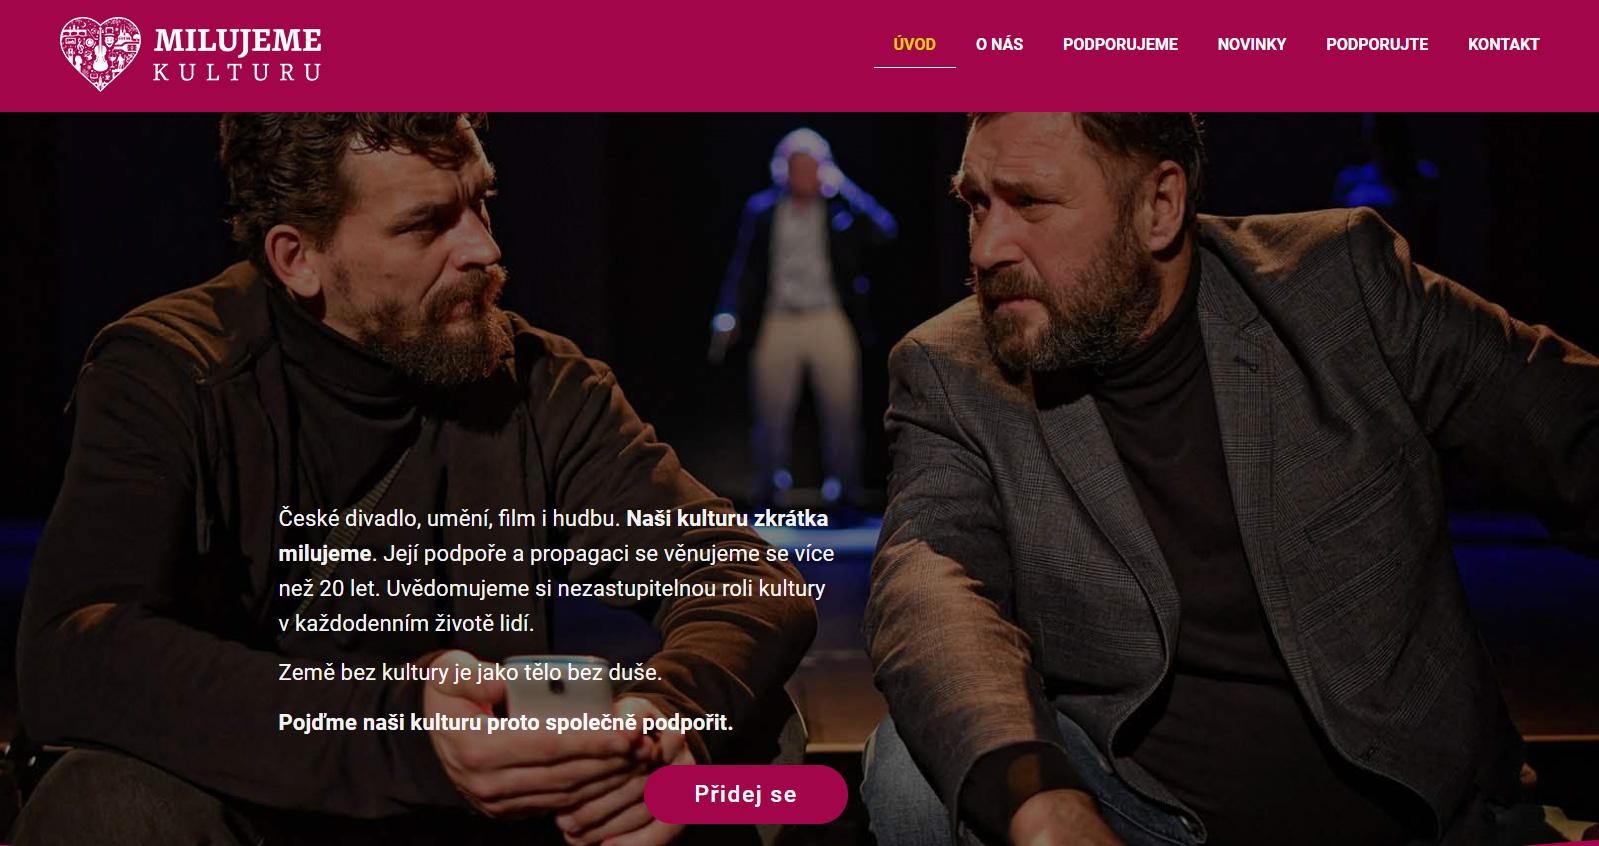 Spolek KULT spustil začátkem roku 2020 nový web